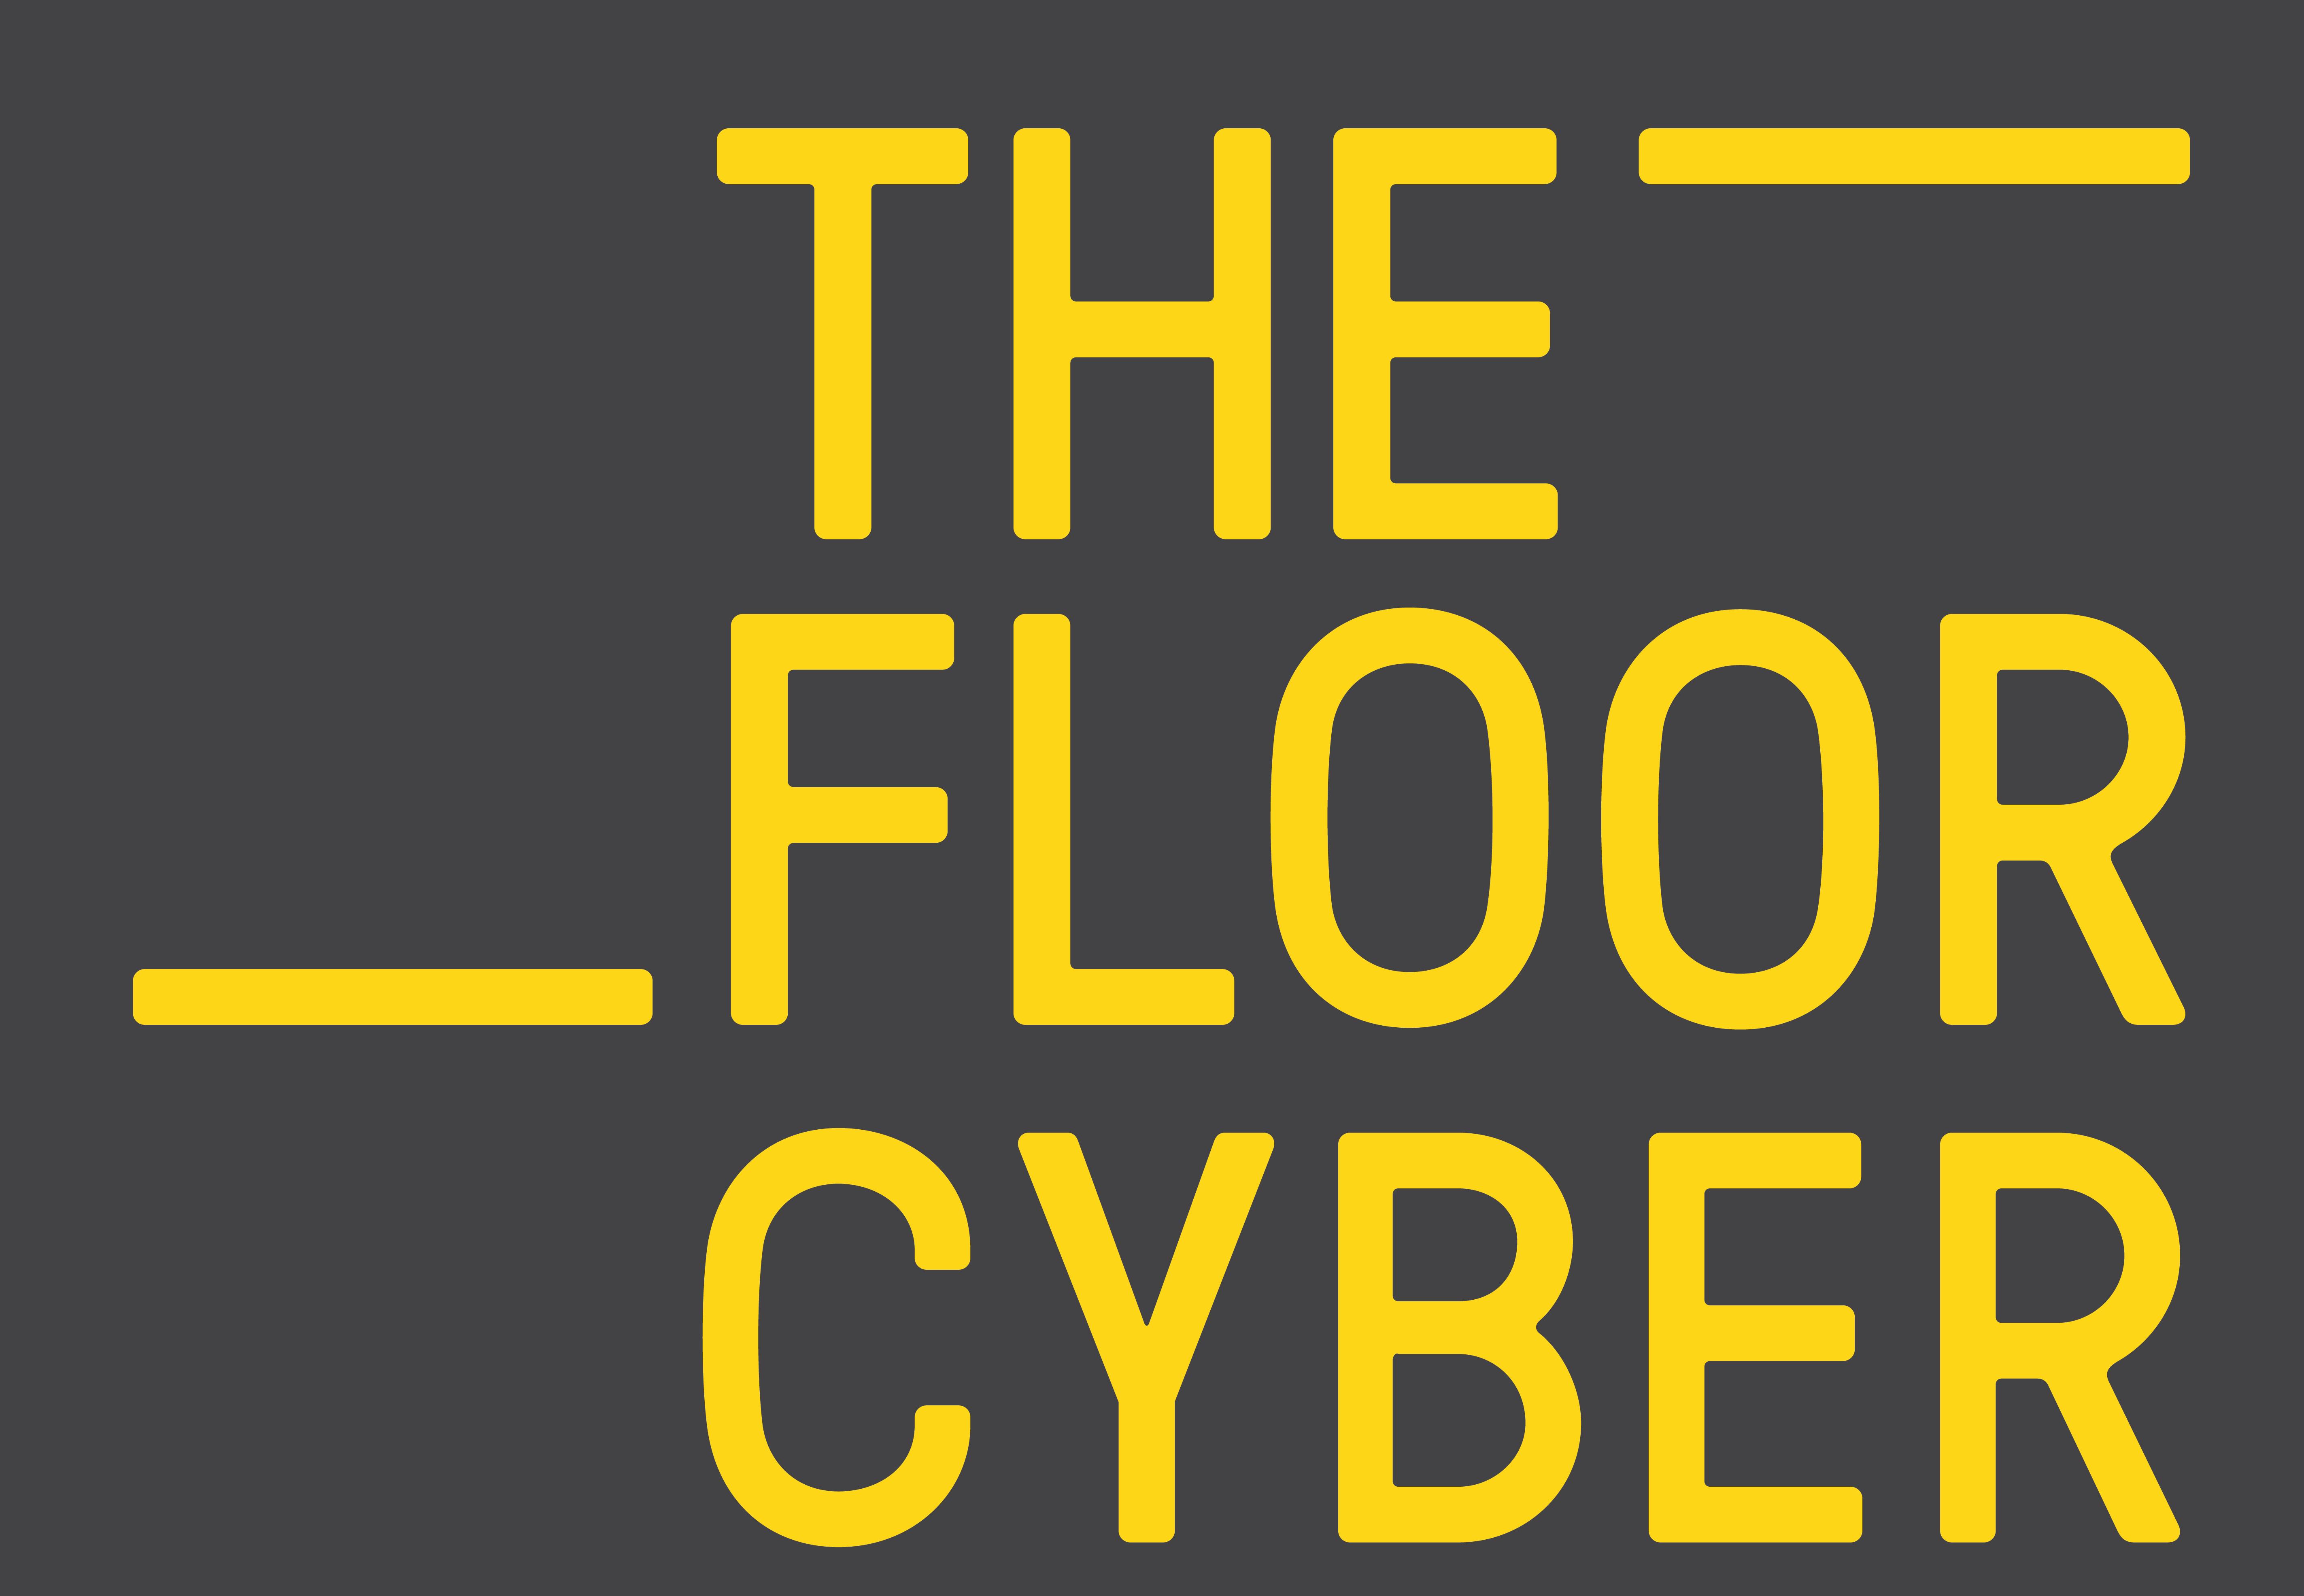 The Floor Cyber